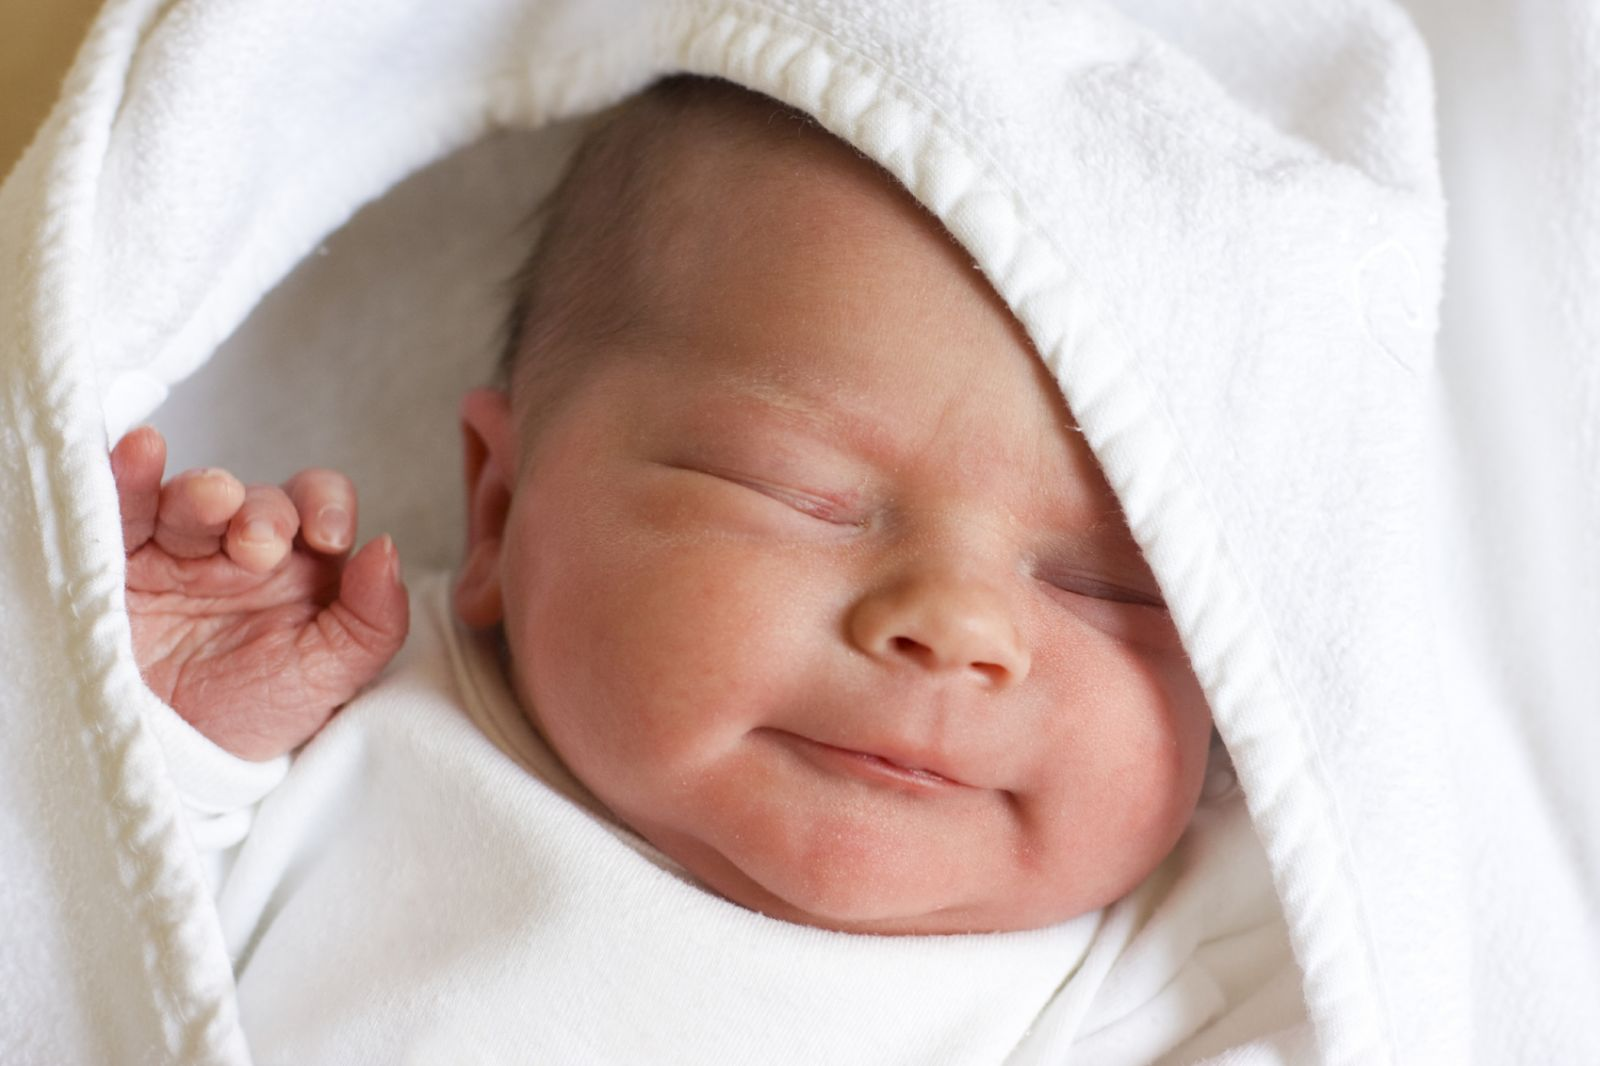 Эффективные лекарства от аллергии новорождённым